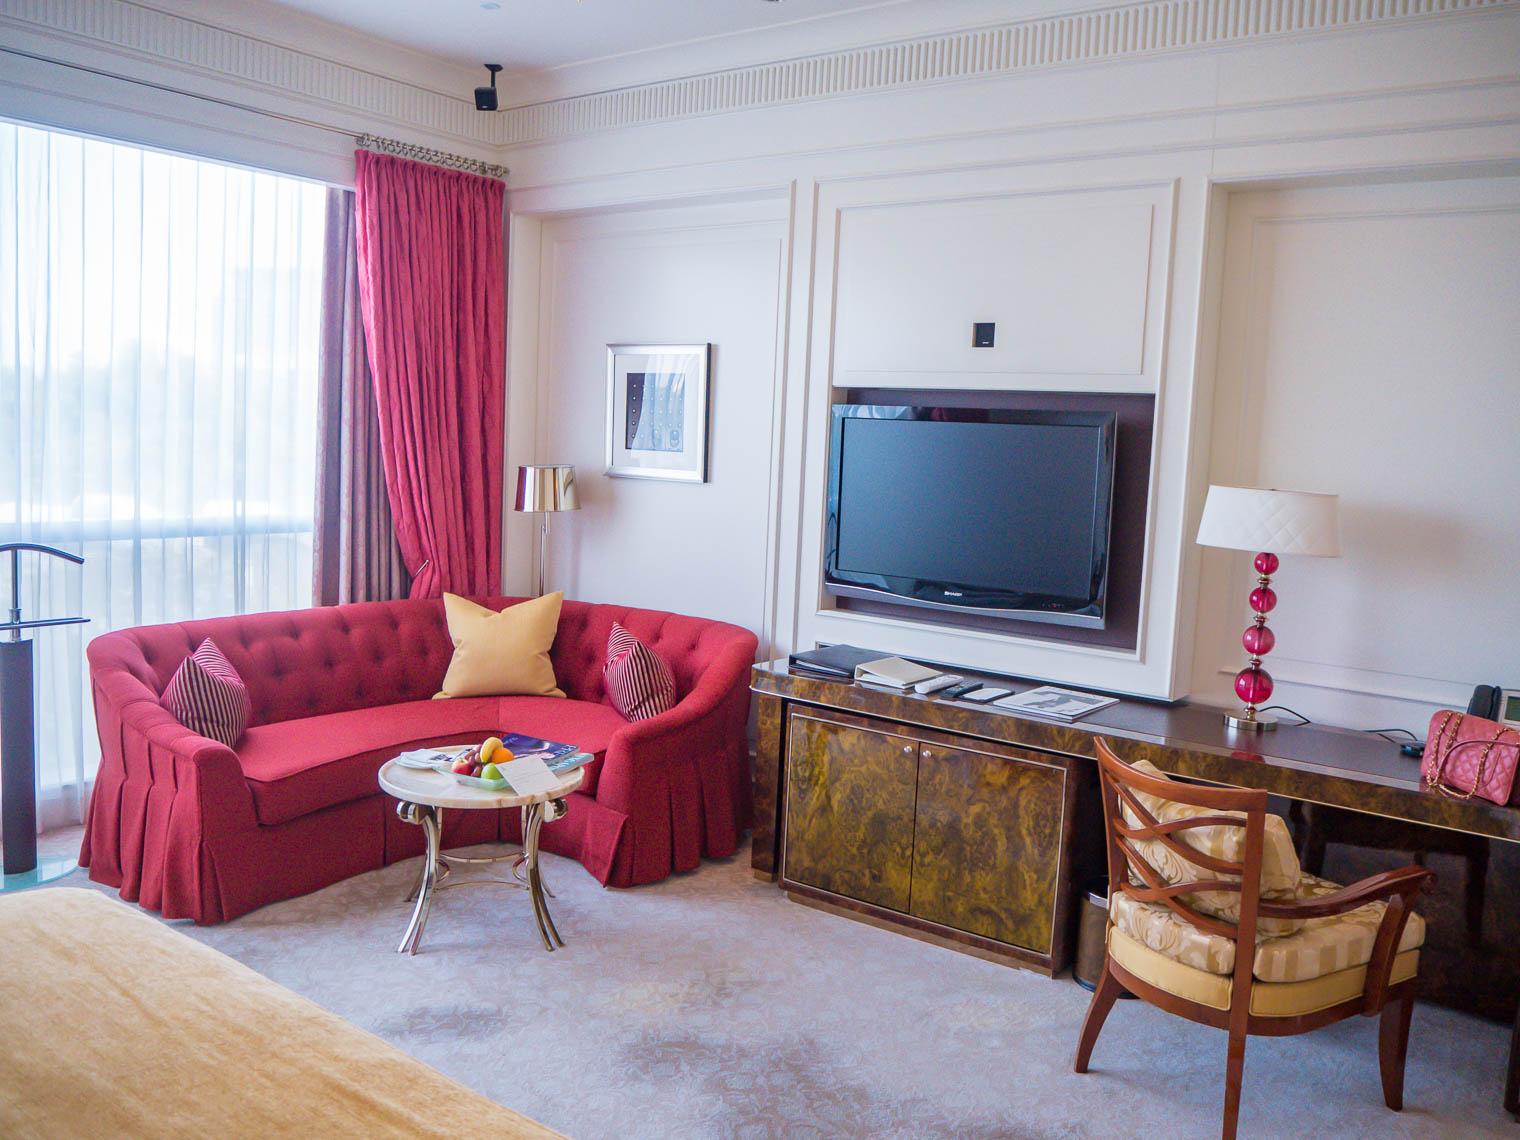 Hotel room at St Regis Singapore